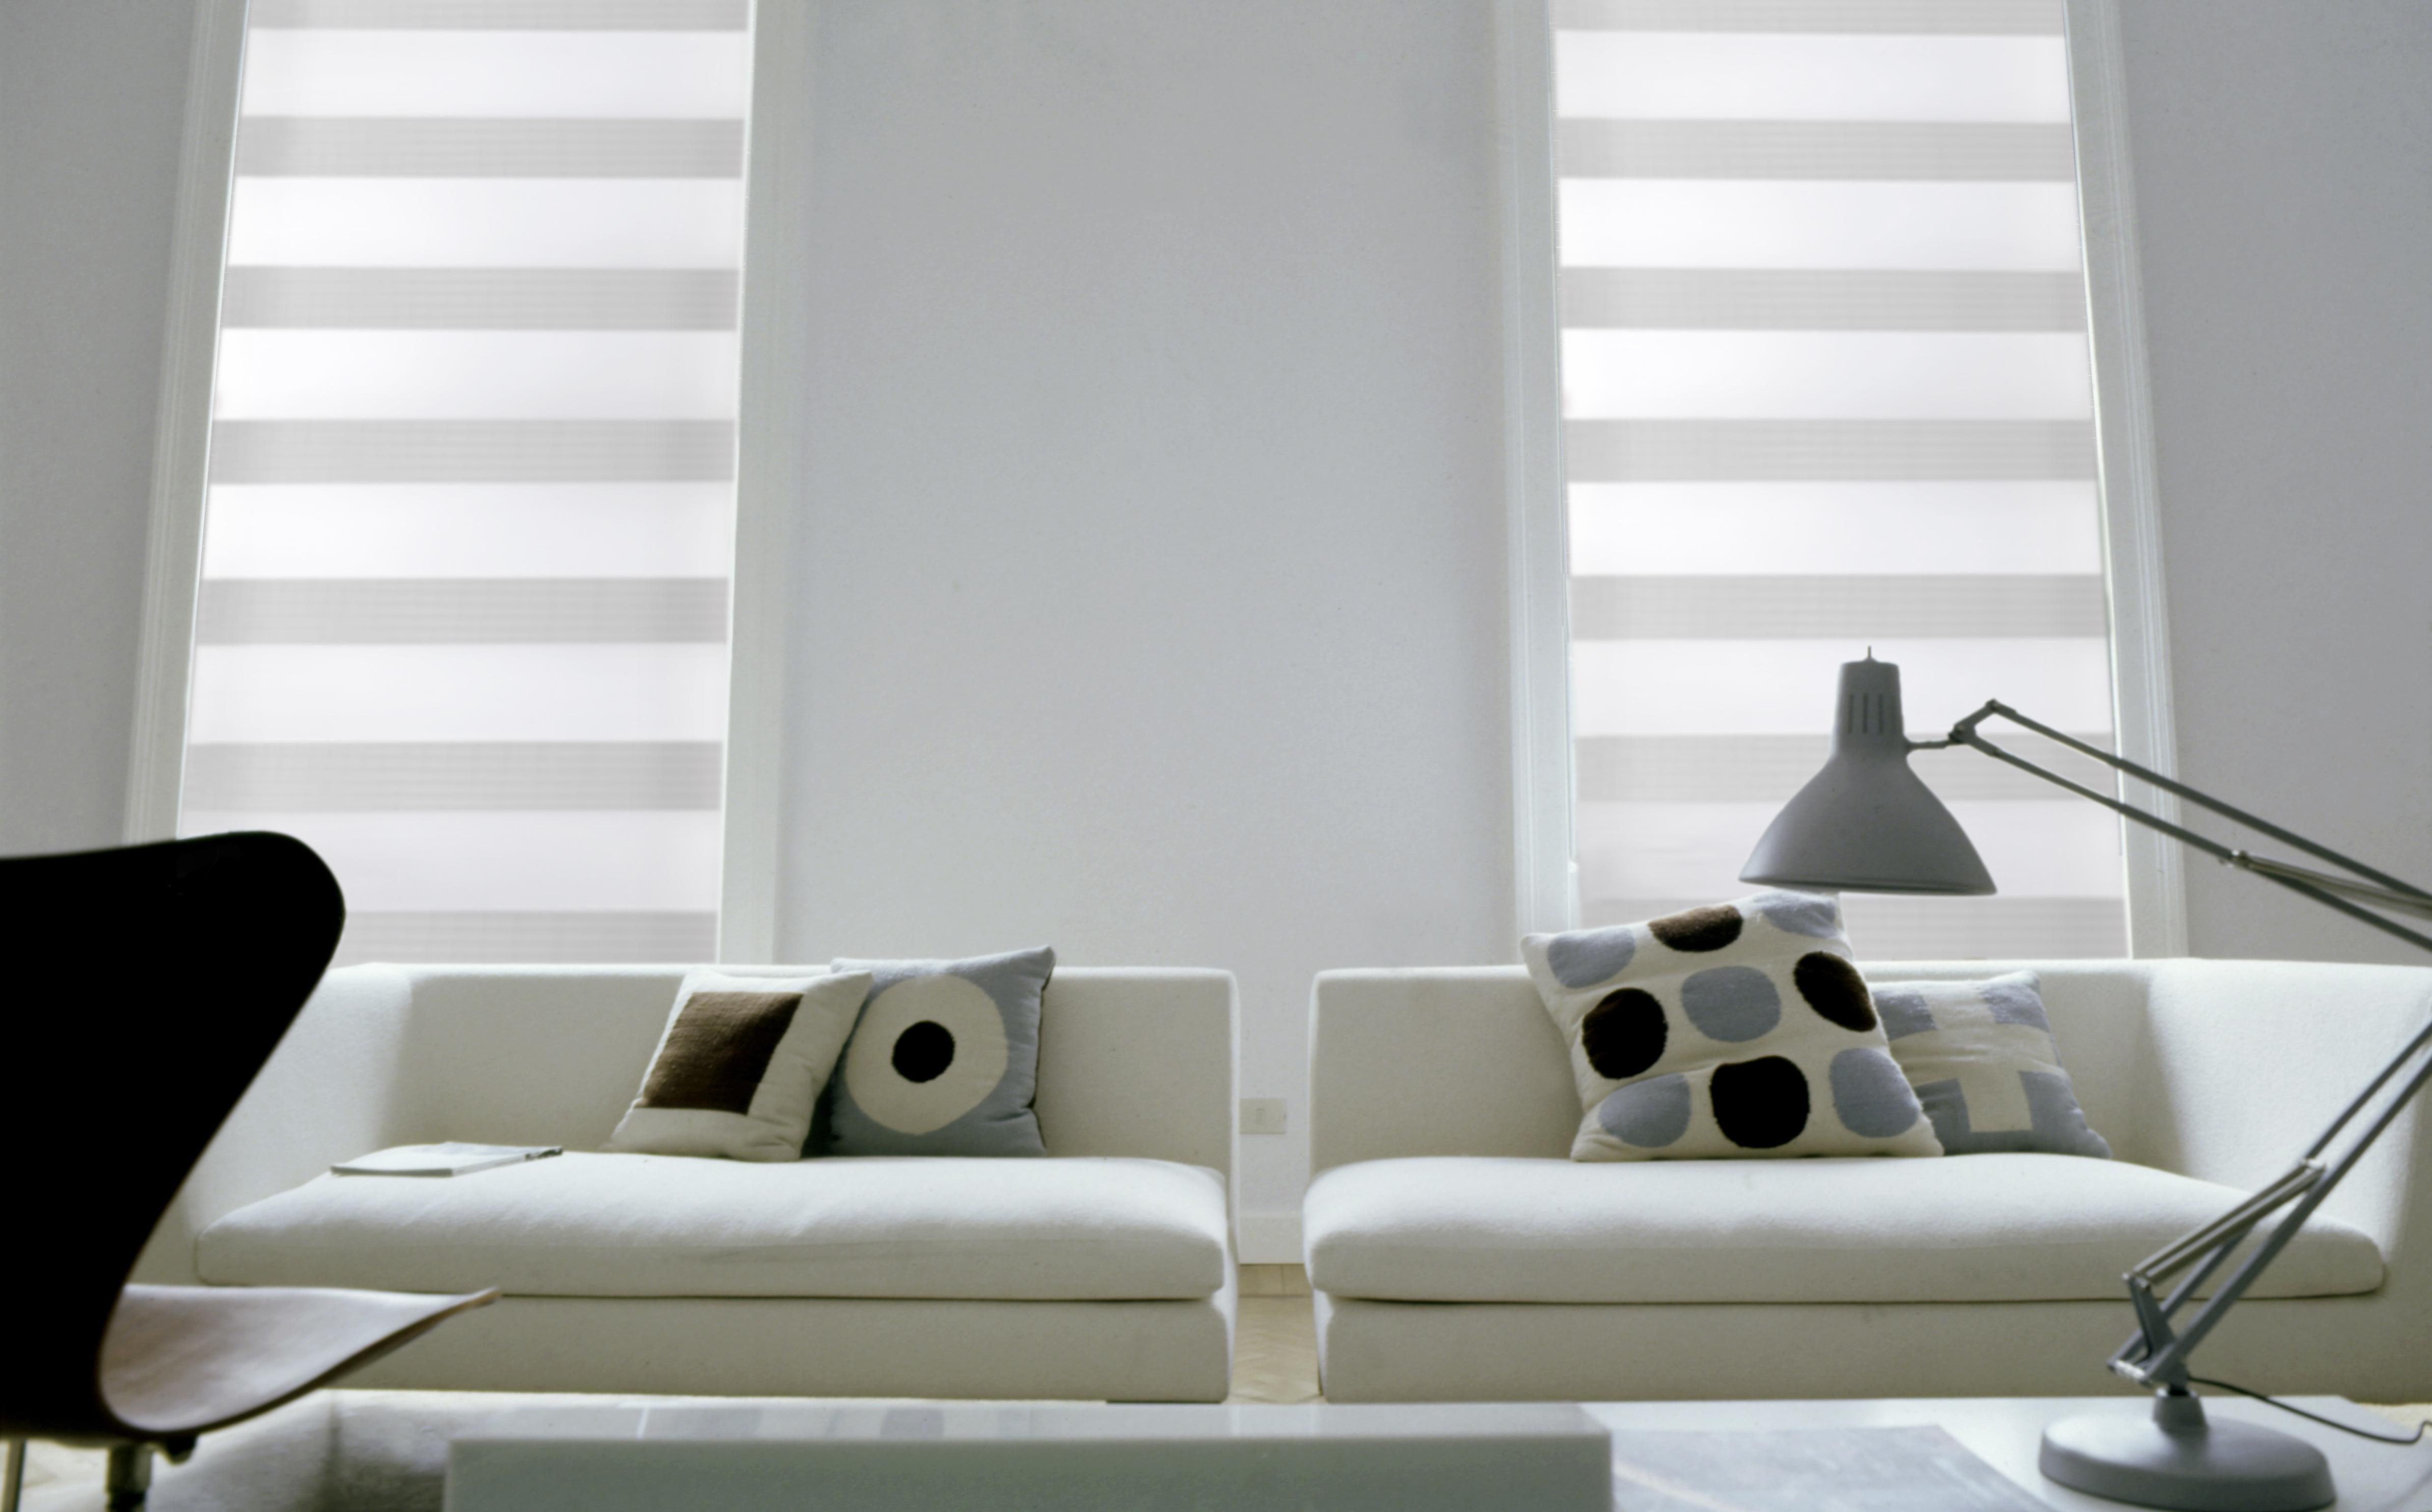 zastínění oken látkové rolety bez vrtání